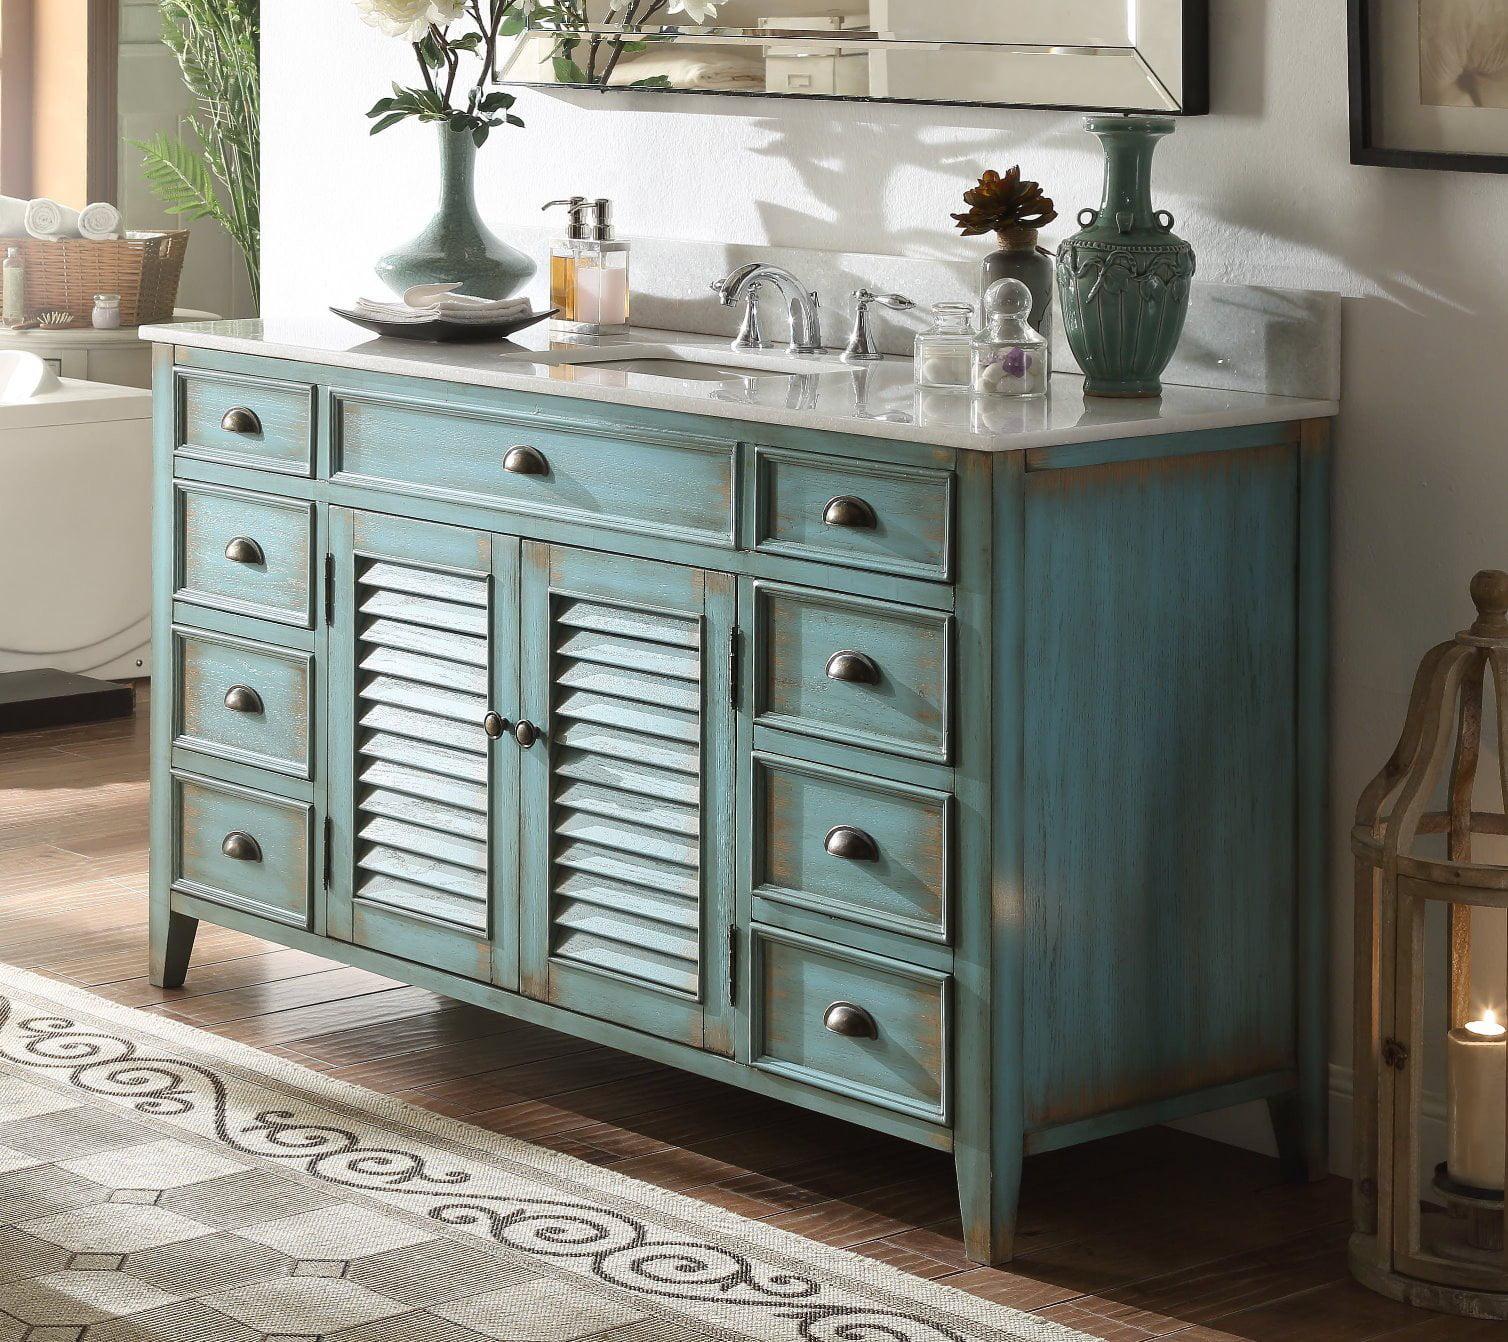 60 Benton Collection Abbeville Rustic Blue Bathroom Vanity Cf 66323bu 60 Bs Walmart Com Walmart Com